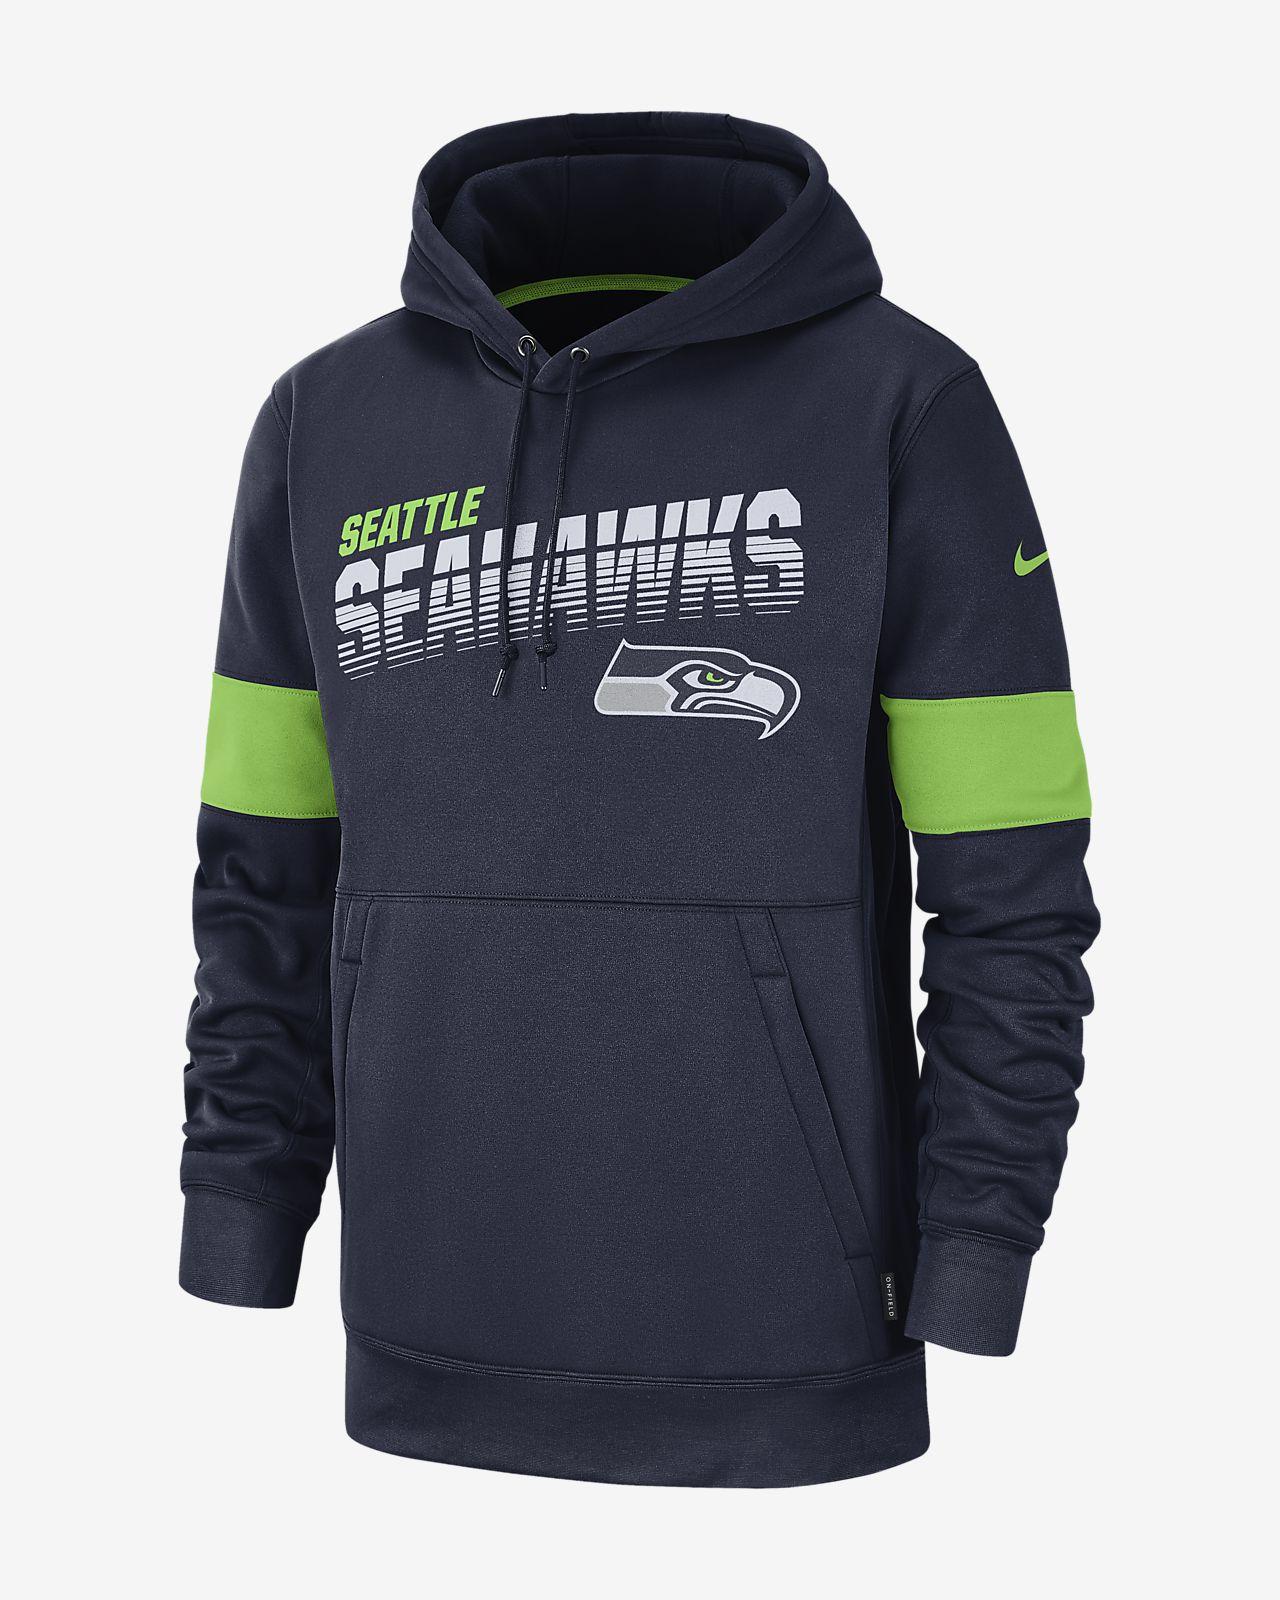 hot sale online 11011 fa037 Nike Therma (NFL Seahawks) Men's Hoodie